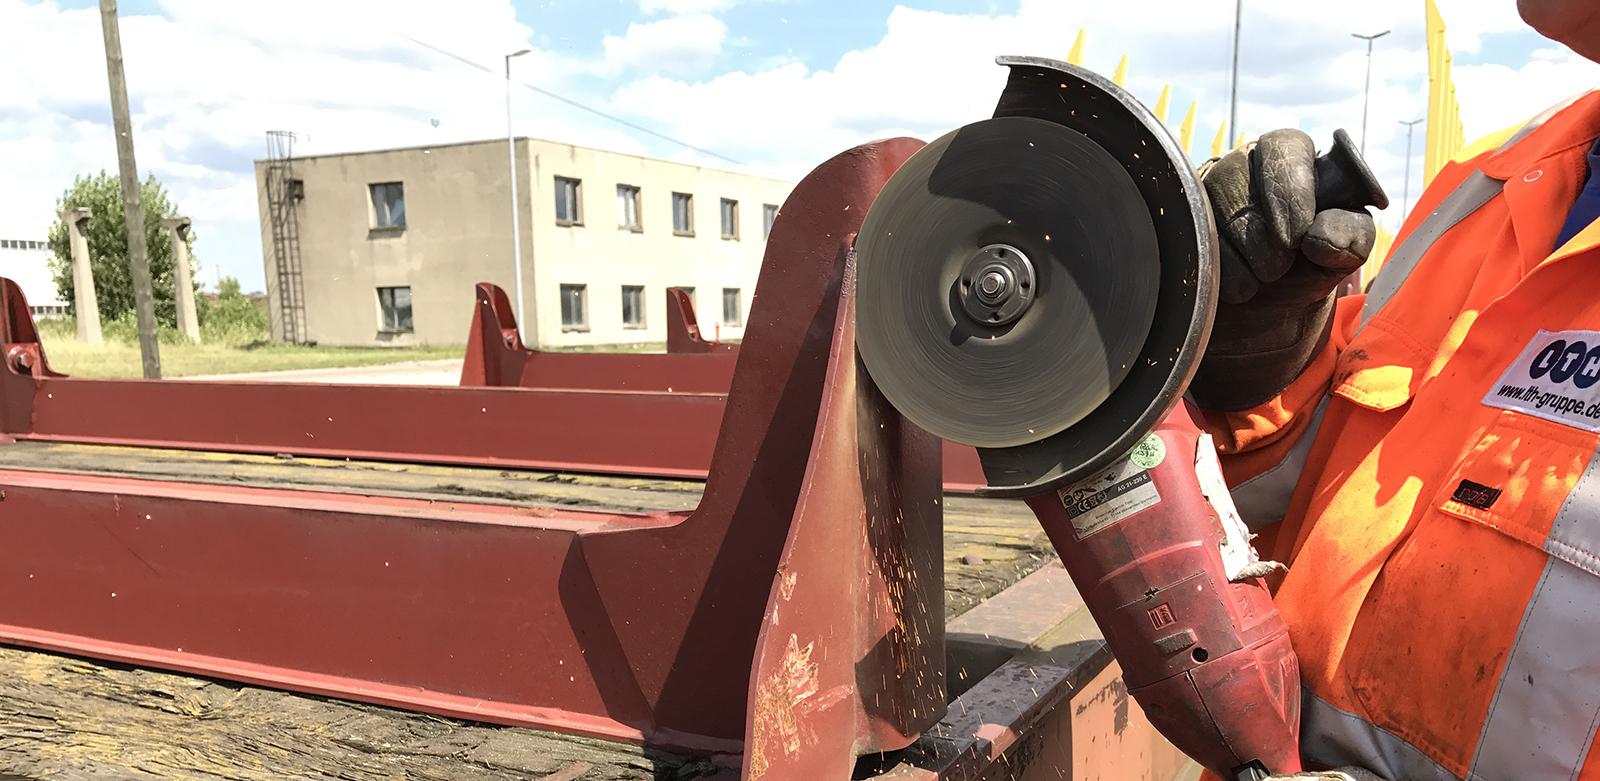 Leistungen Waggonwerkstatt - Hier wird eine Leistung der LTH Waggonwerkstatt GmbH dargestellt, nämlich die Demontage von Rungen durch Abfräsung. Rungen sind Streben an der Ladefläche zur Abstützung der Ladung bei Güterwagen.